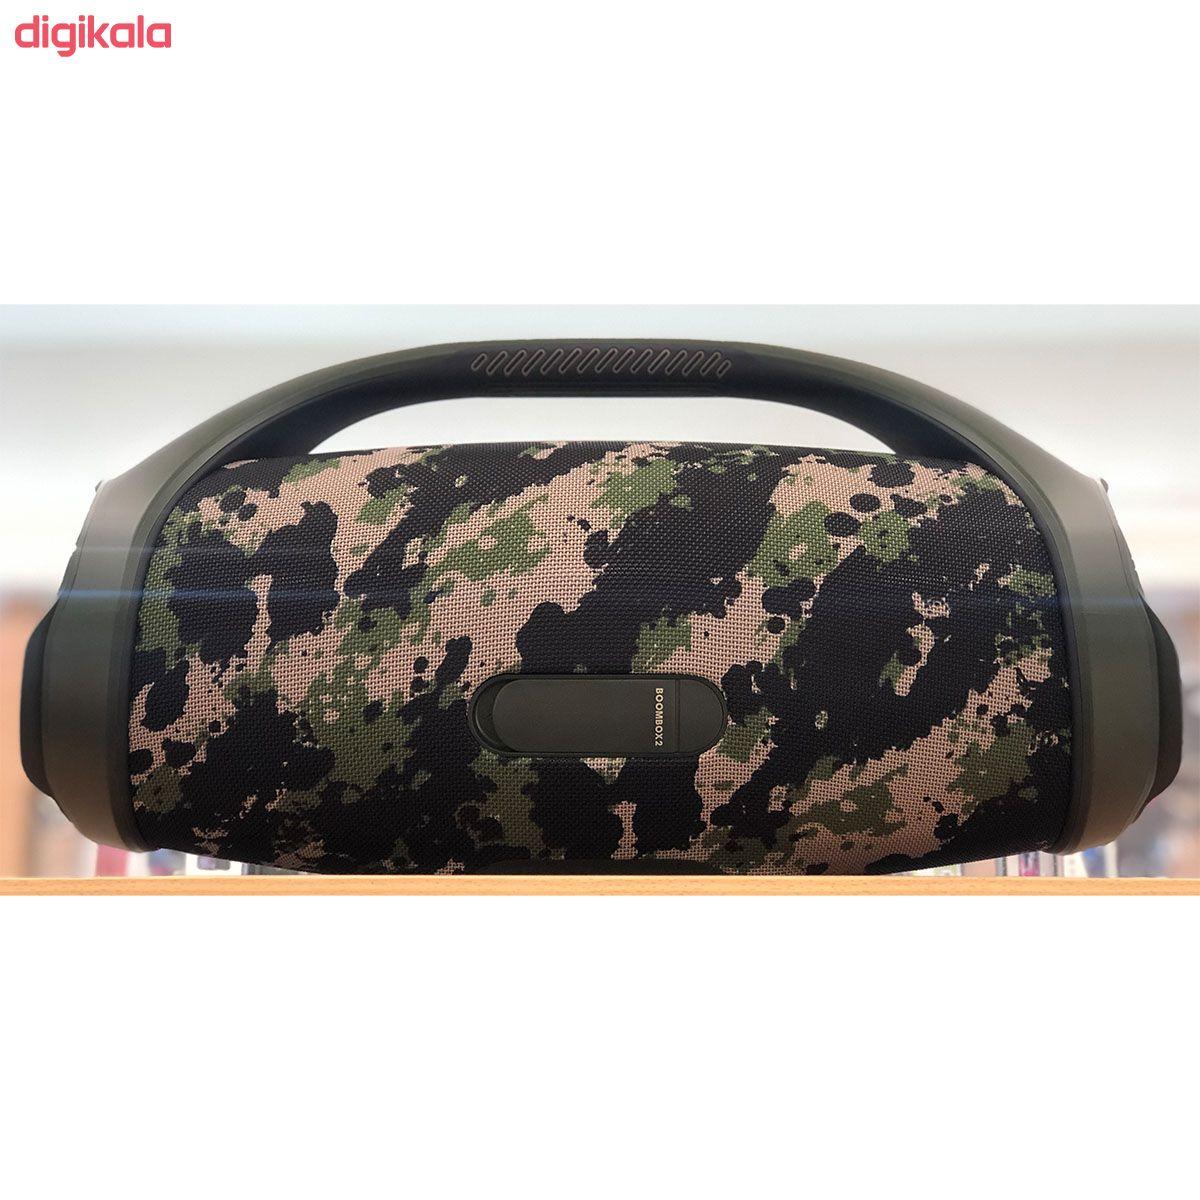 اسپیکر بلوتوثی قابل حمل جی بی ال مدل BoomBox 2 main 1 7